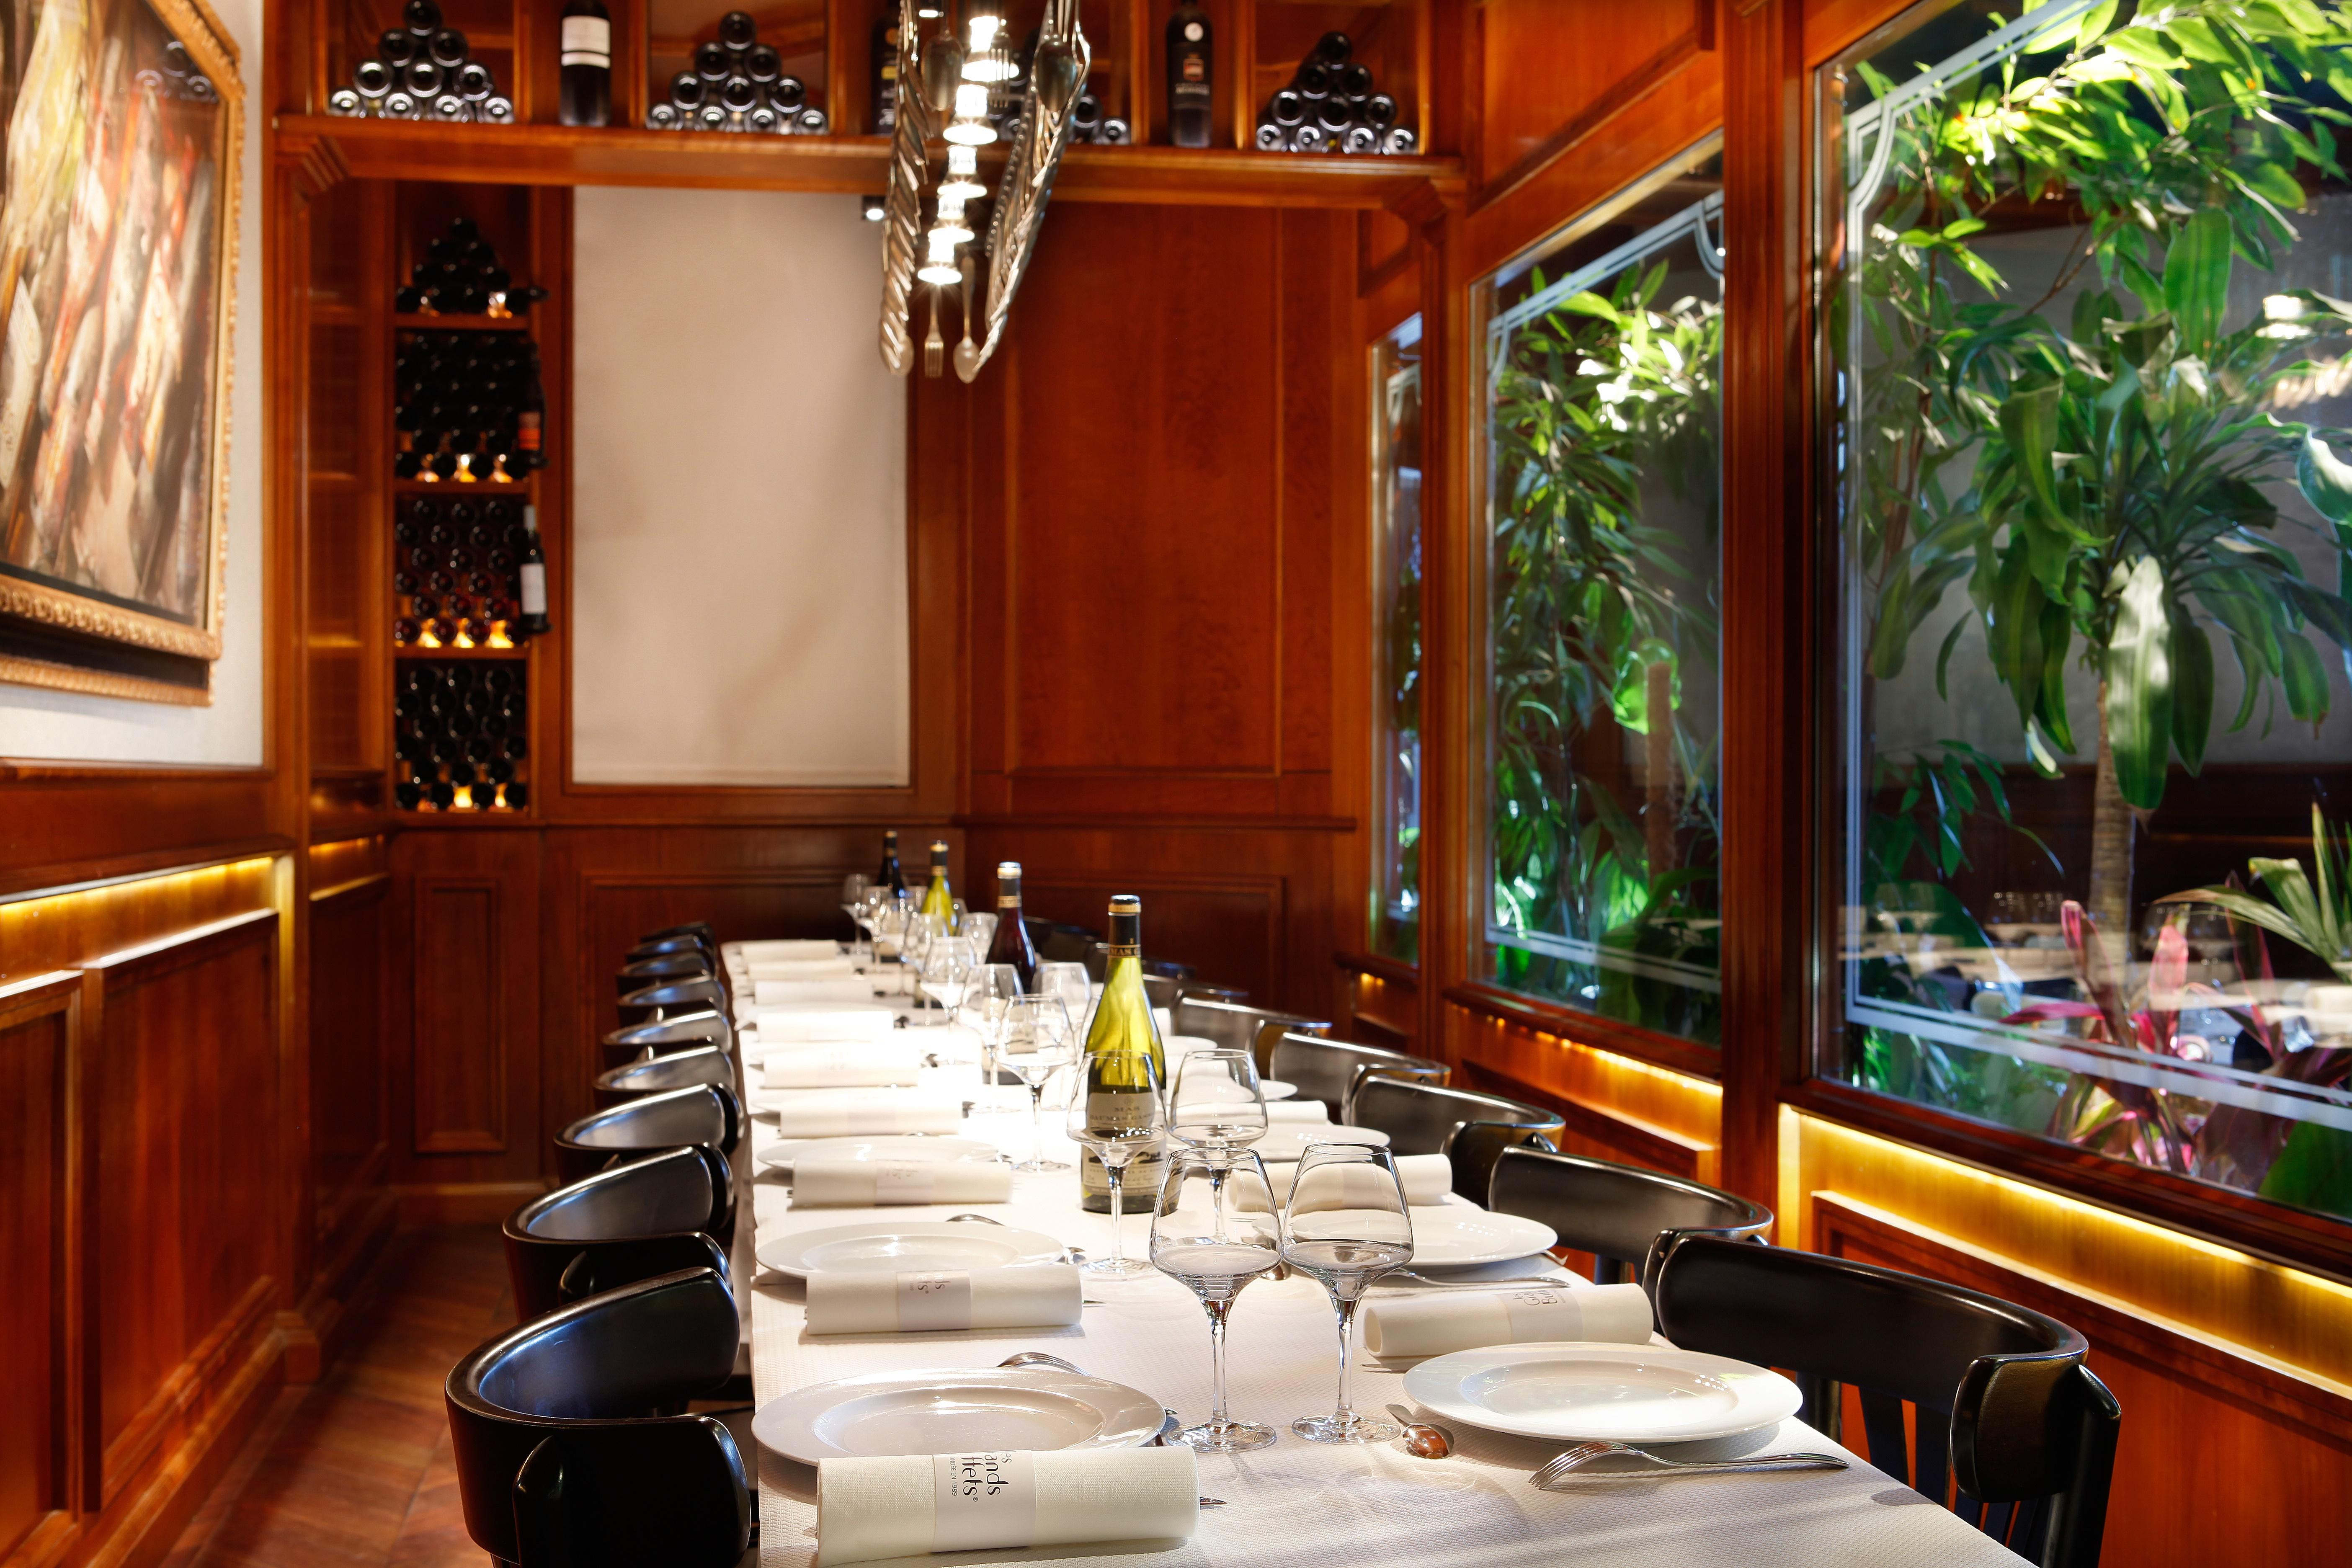 Les Grands Buffets en Narbona: 1 opiniones y 37 fotos